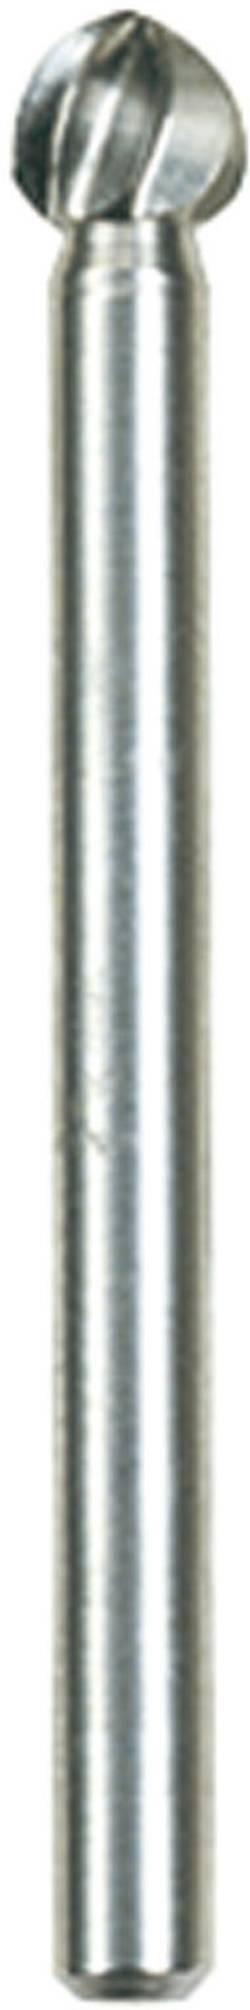 Vysokorychlostní fréza 4,8 mm Dremel 192